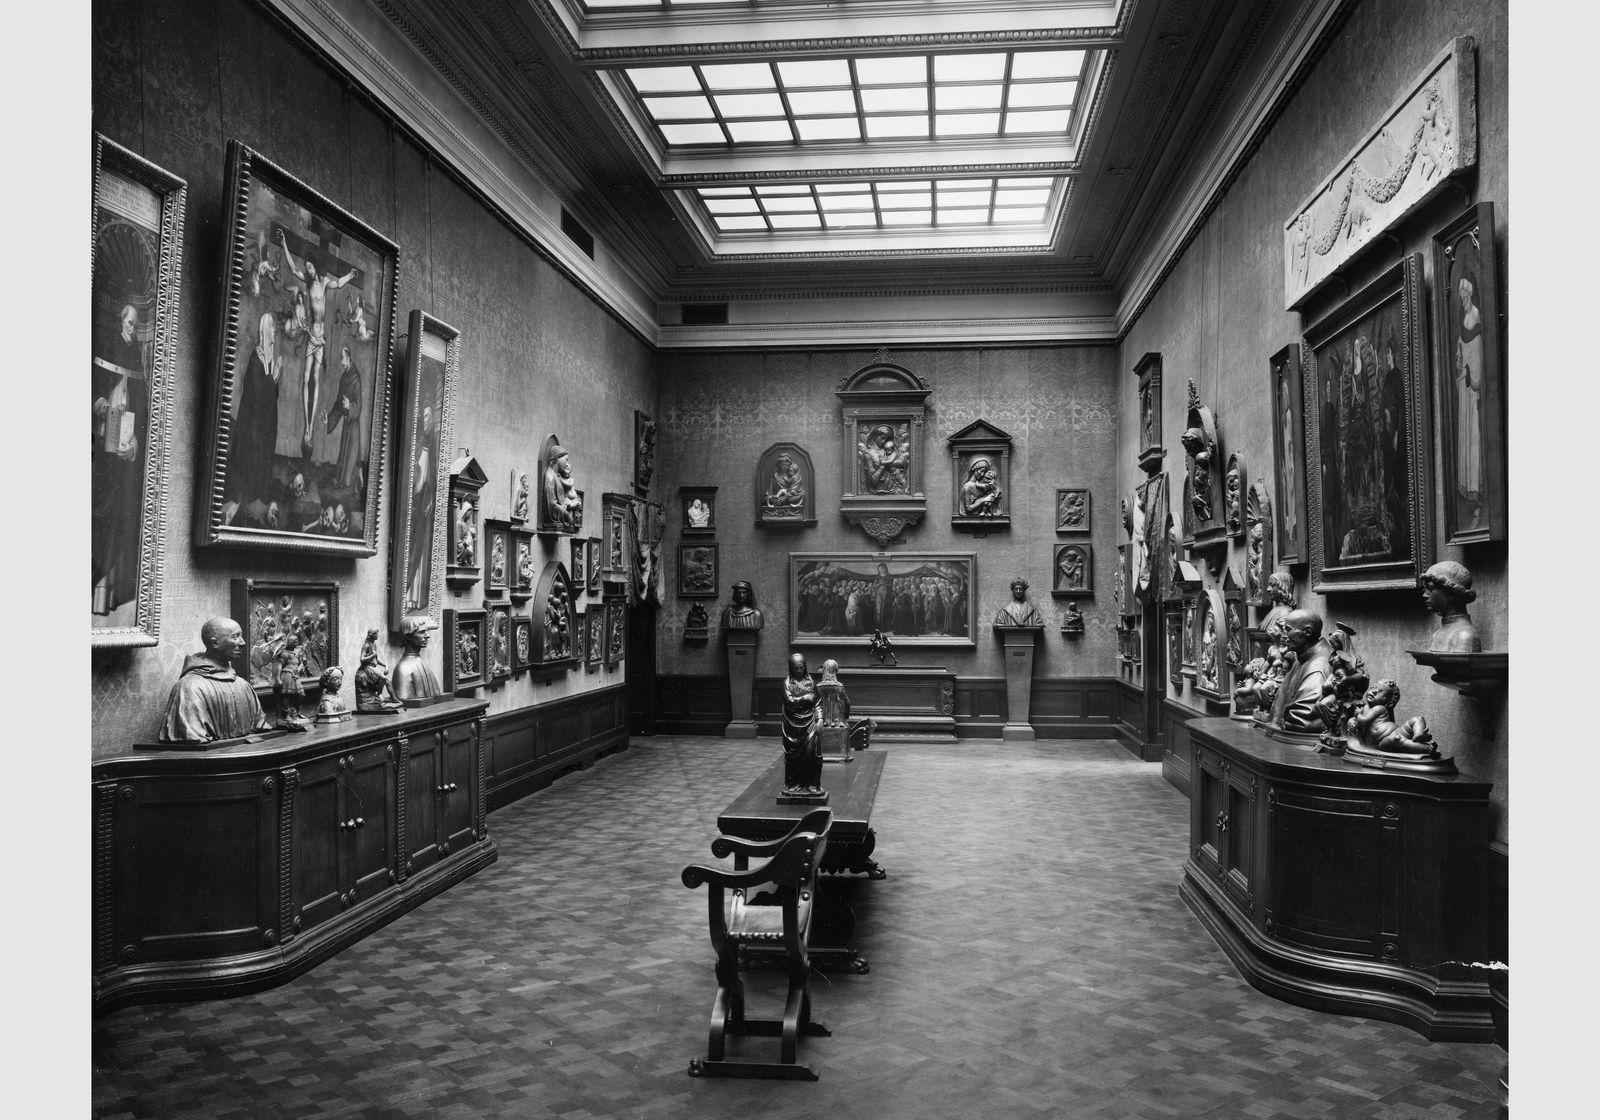 Kaiser-Friedrich-Museum, Saal 34 - Italienische Bildwerke in Ton und Stuck (um 1920). Copyright: bpk / Zentralarchiv, Staatliche Museen zu Berlin